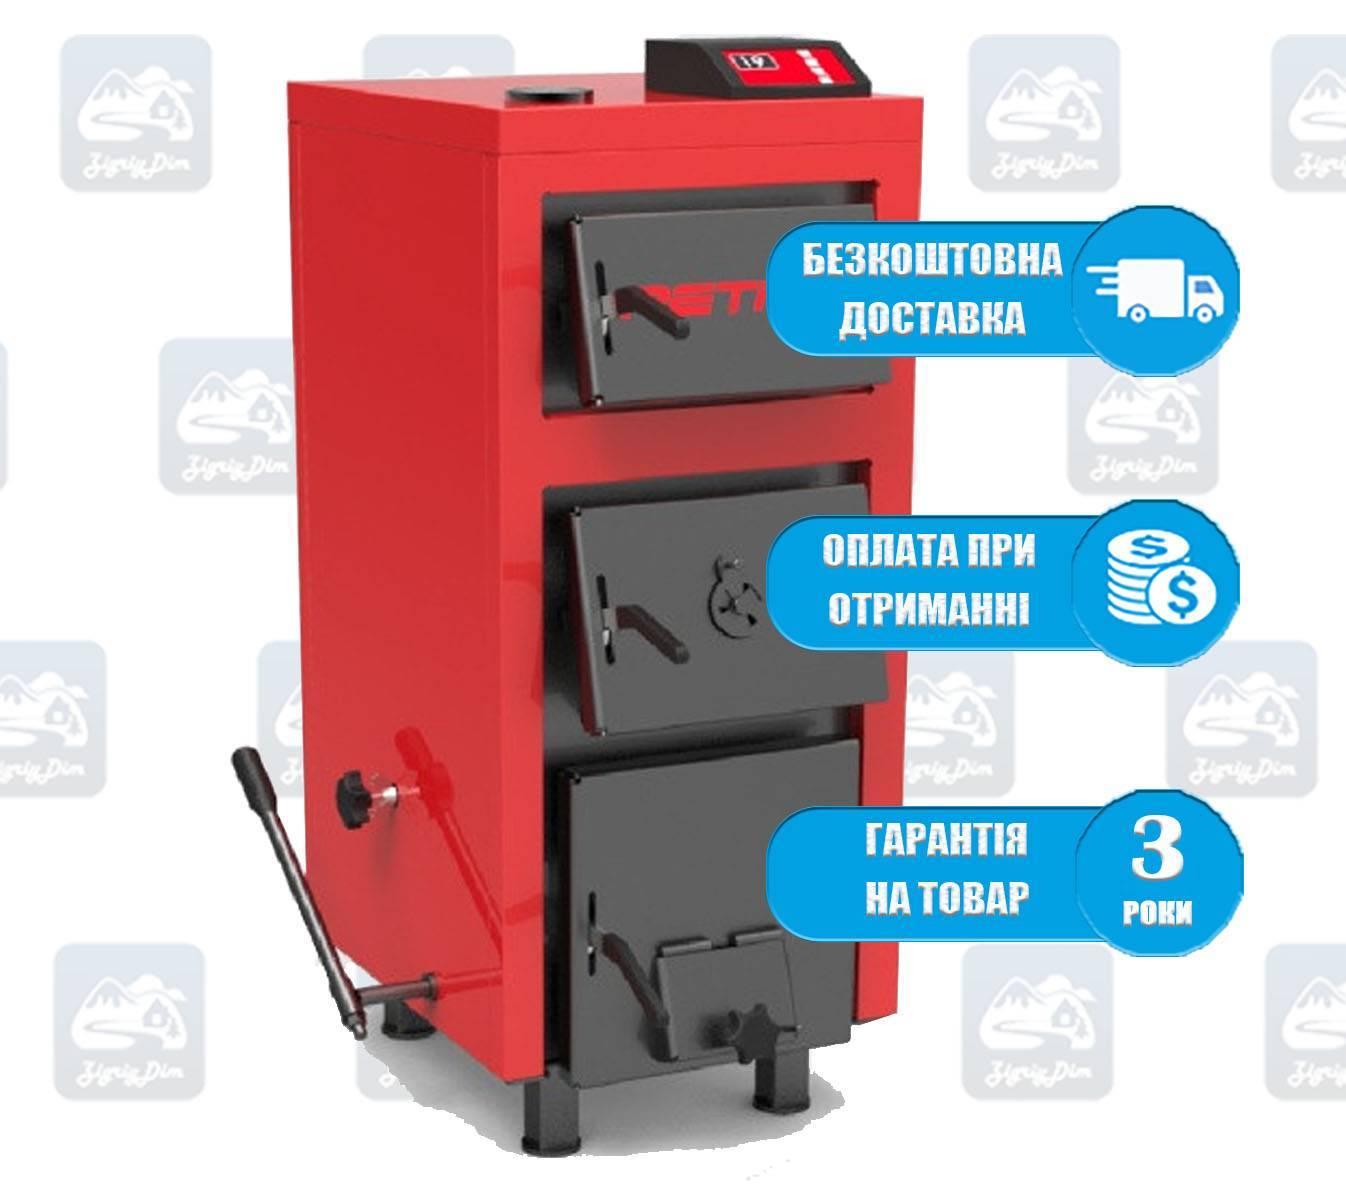 Как работает котел отопления на твердом топливе длительного горения – виды, преимущества и недостатки